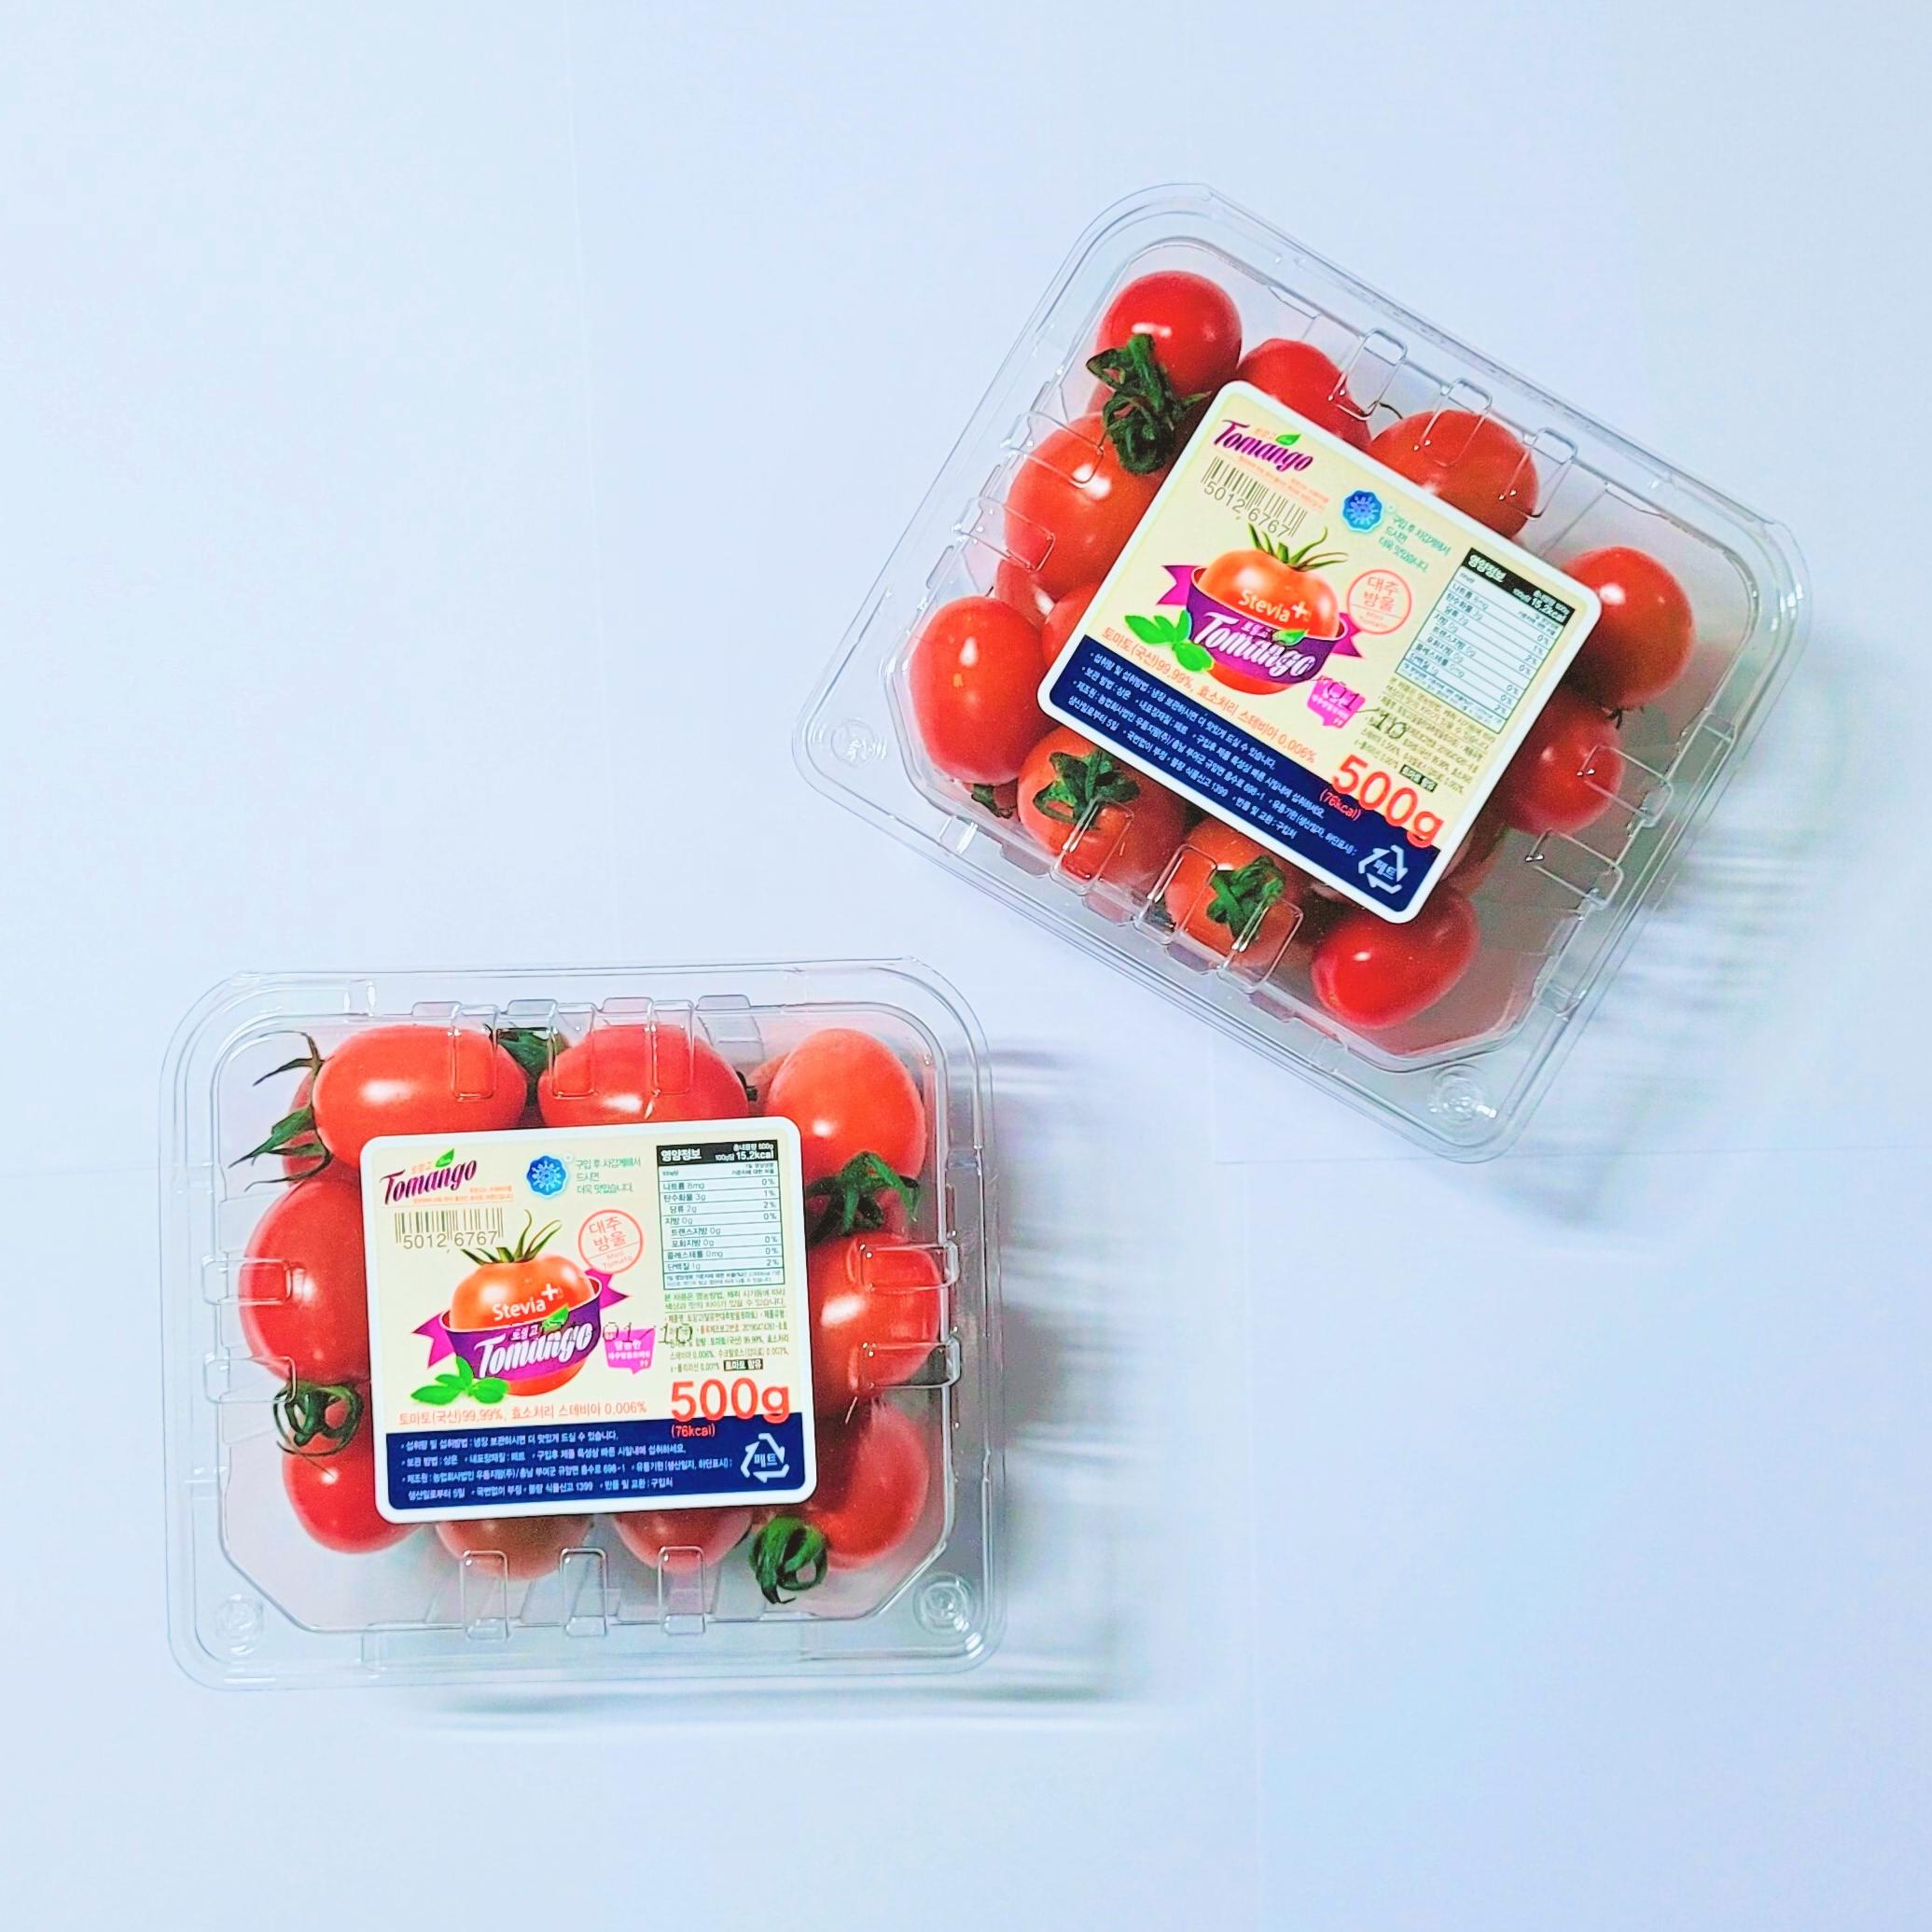 월산식품 [최상품] 스테비아 방울토마토 500g 1kg 2kg 토망고, 스테비아 방울토마토 2kg (4팩)